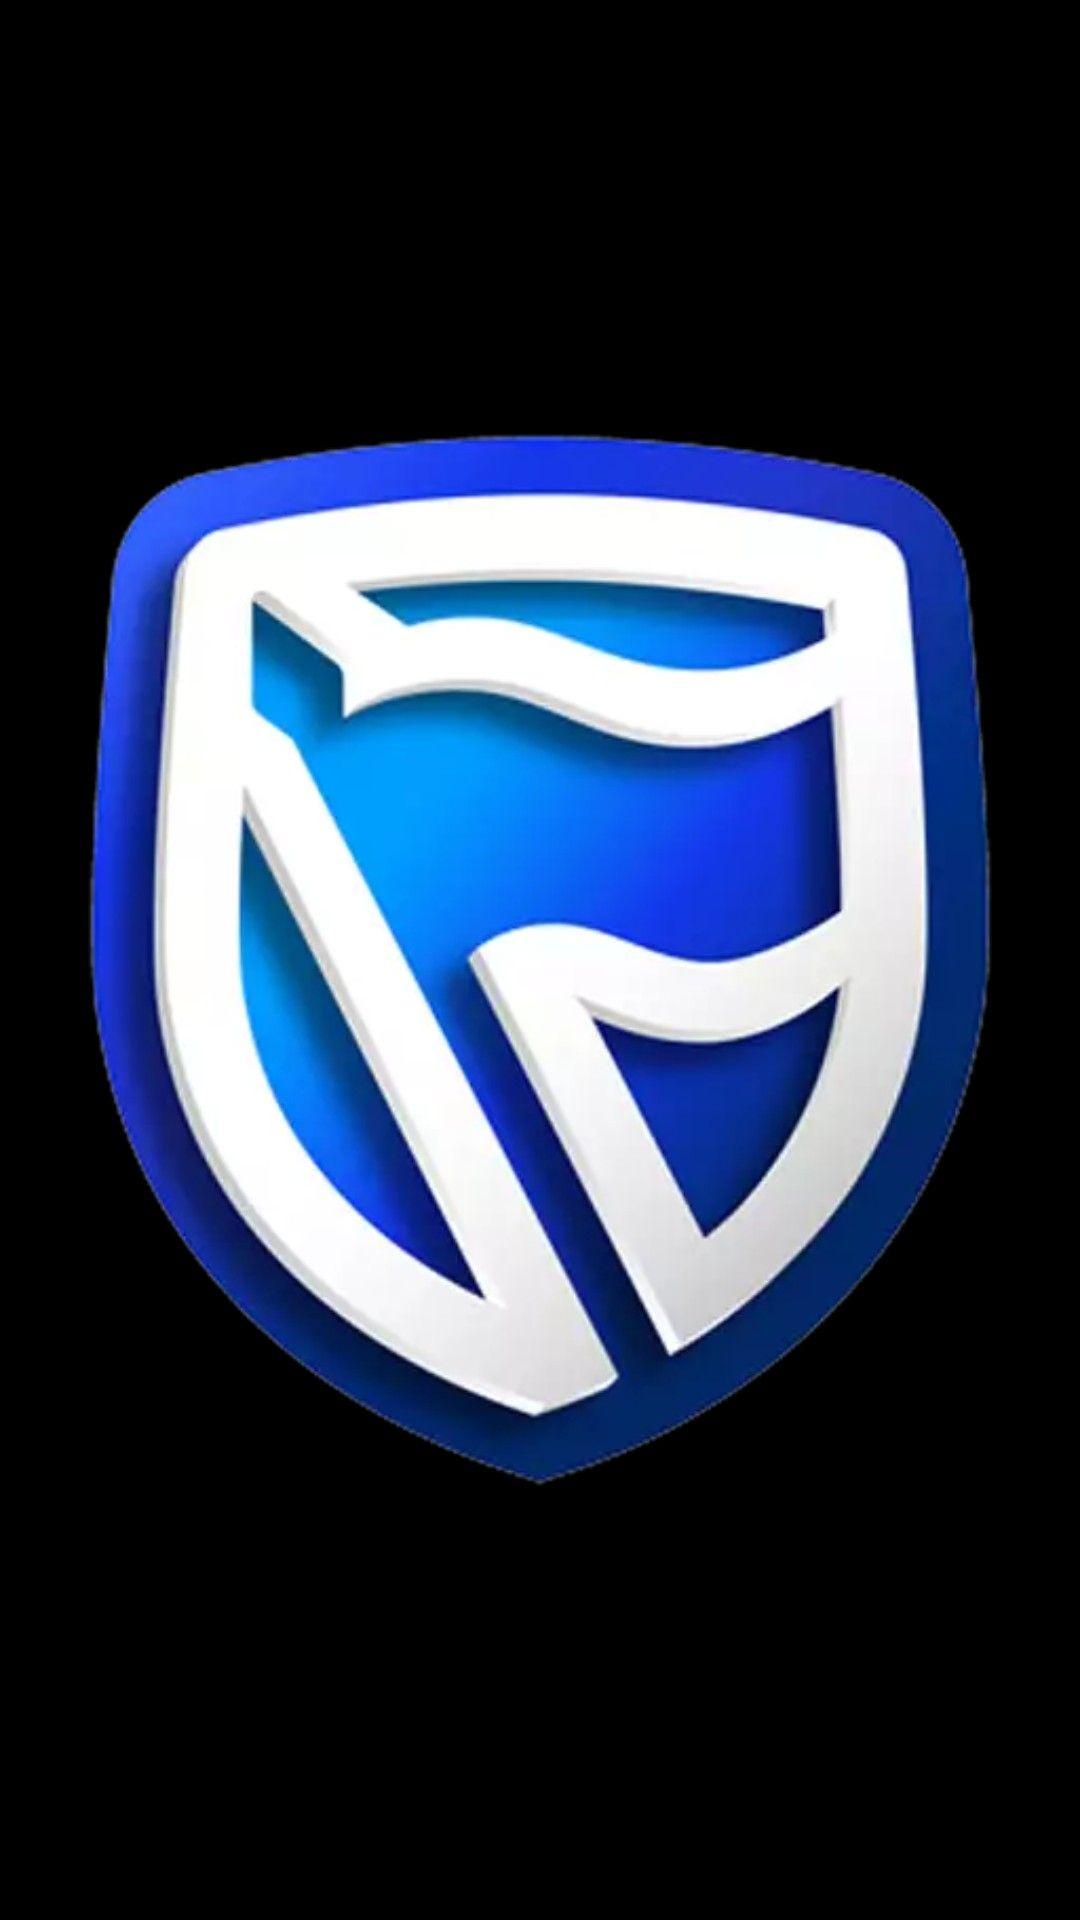 Pin by VinothKannan M on p HCT16 Banks logo, Botswana, Logos